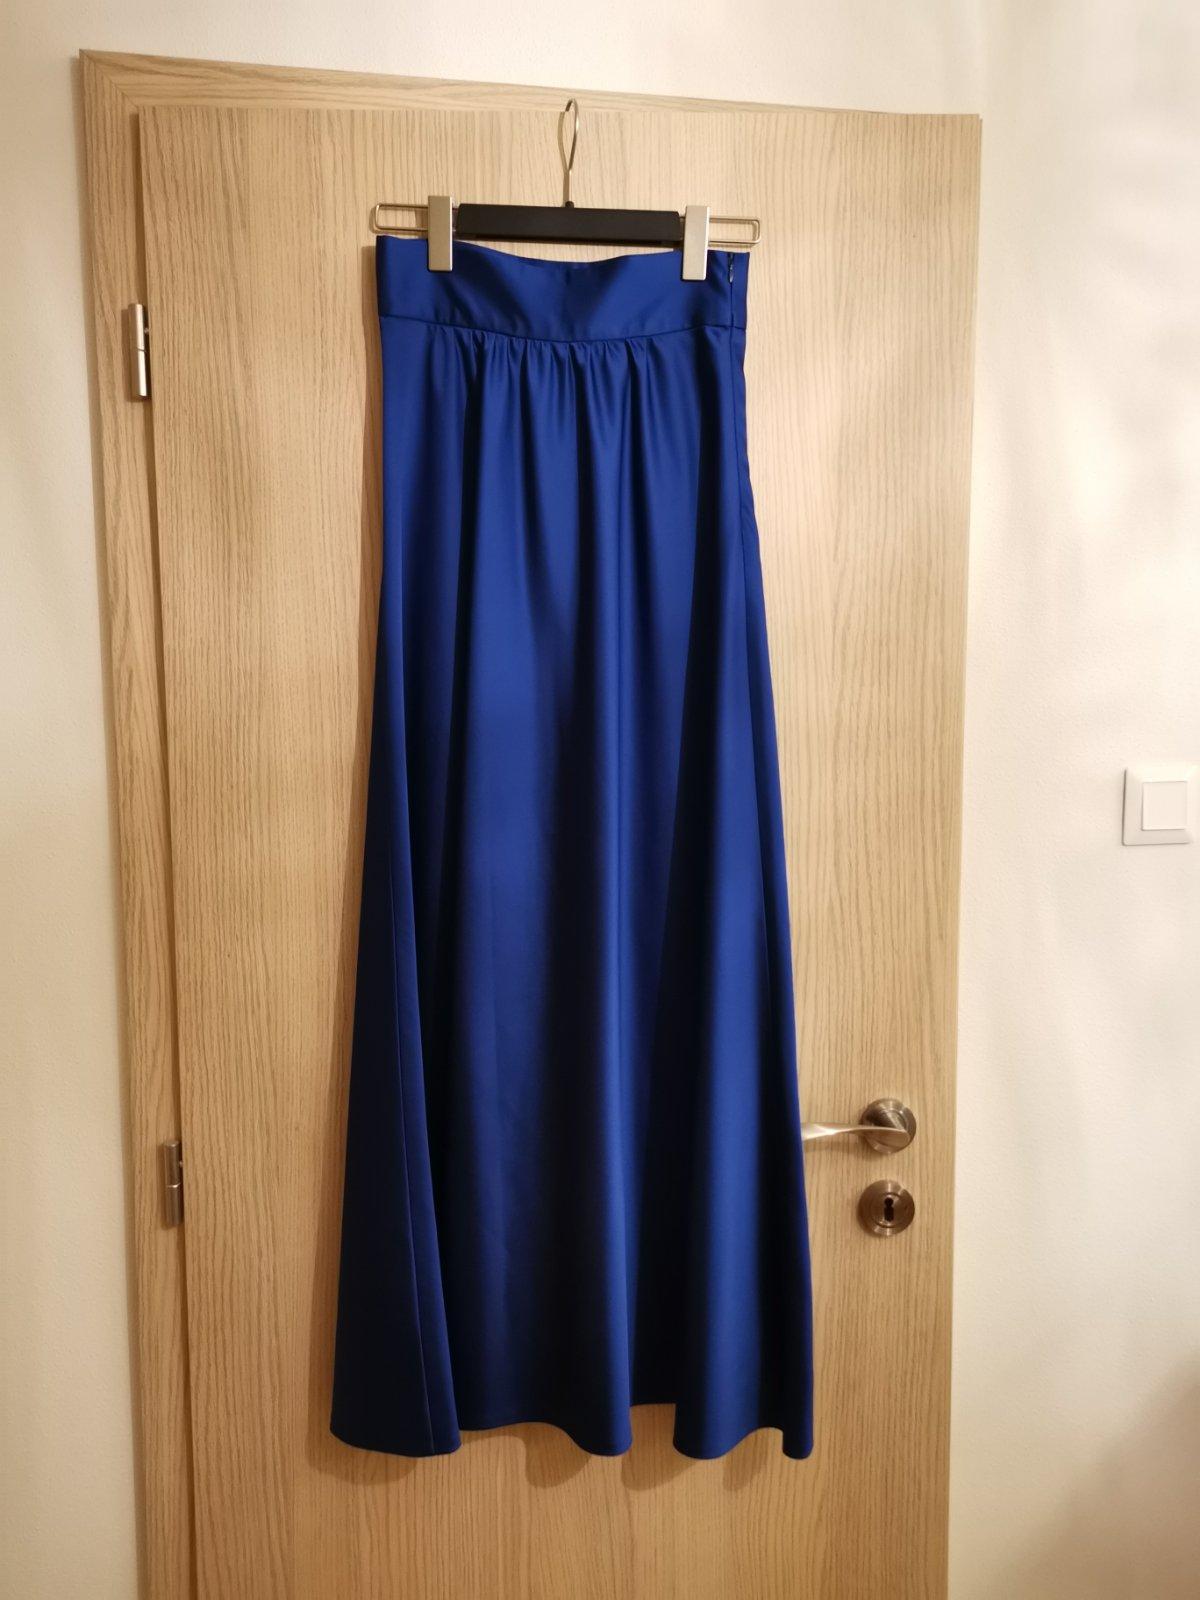 Dámska spoločenská sukňa - Obrázok č. 2